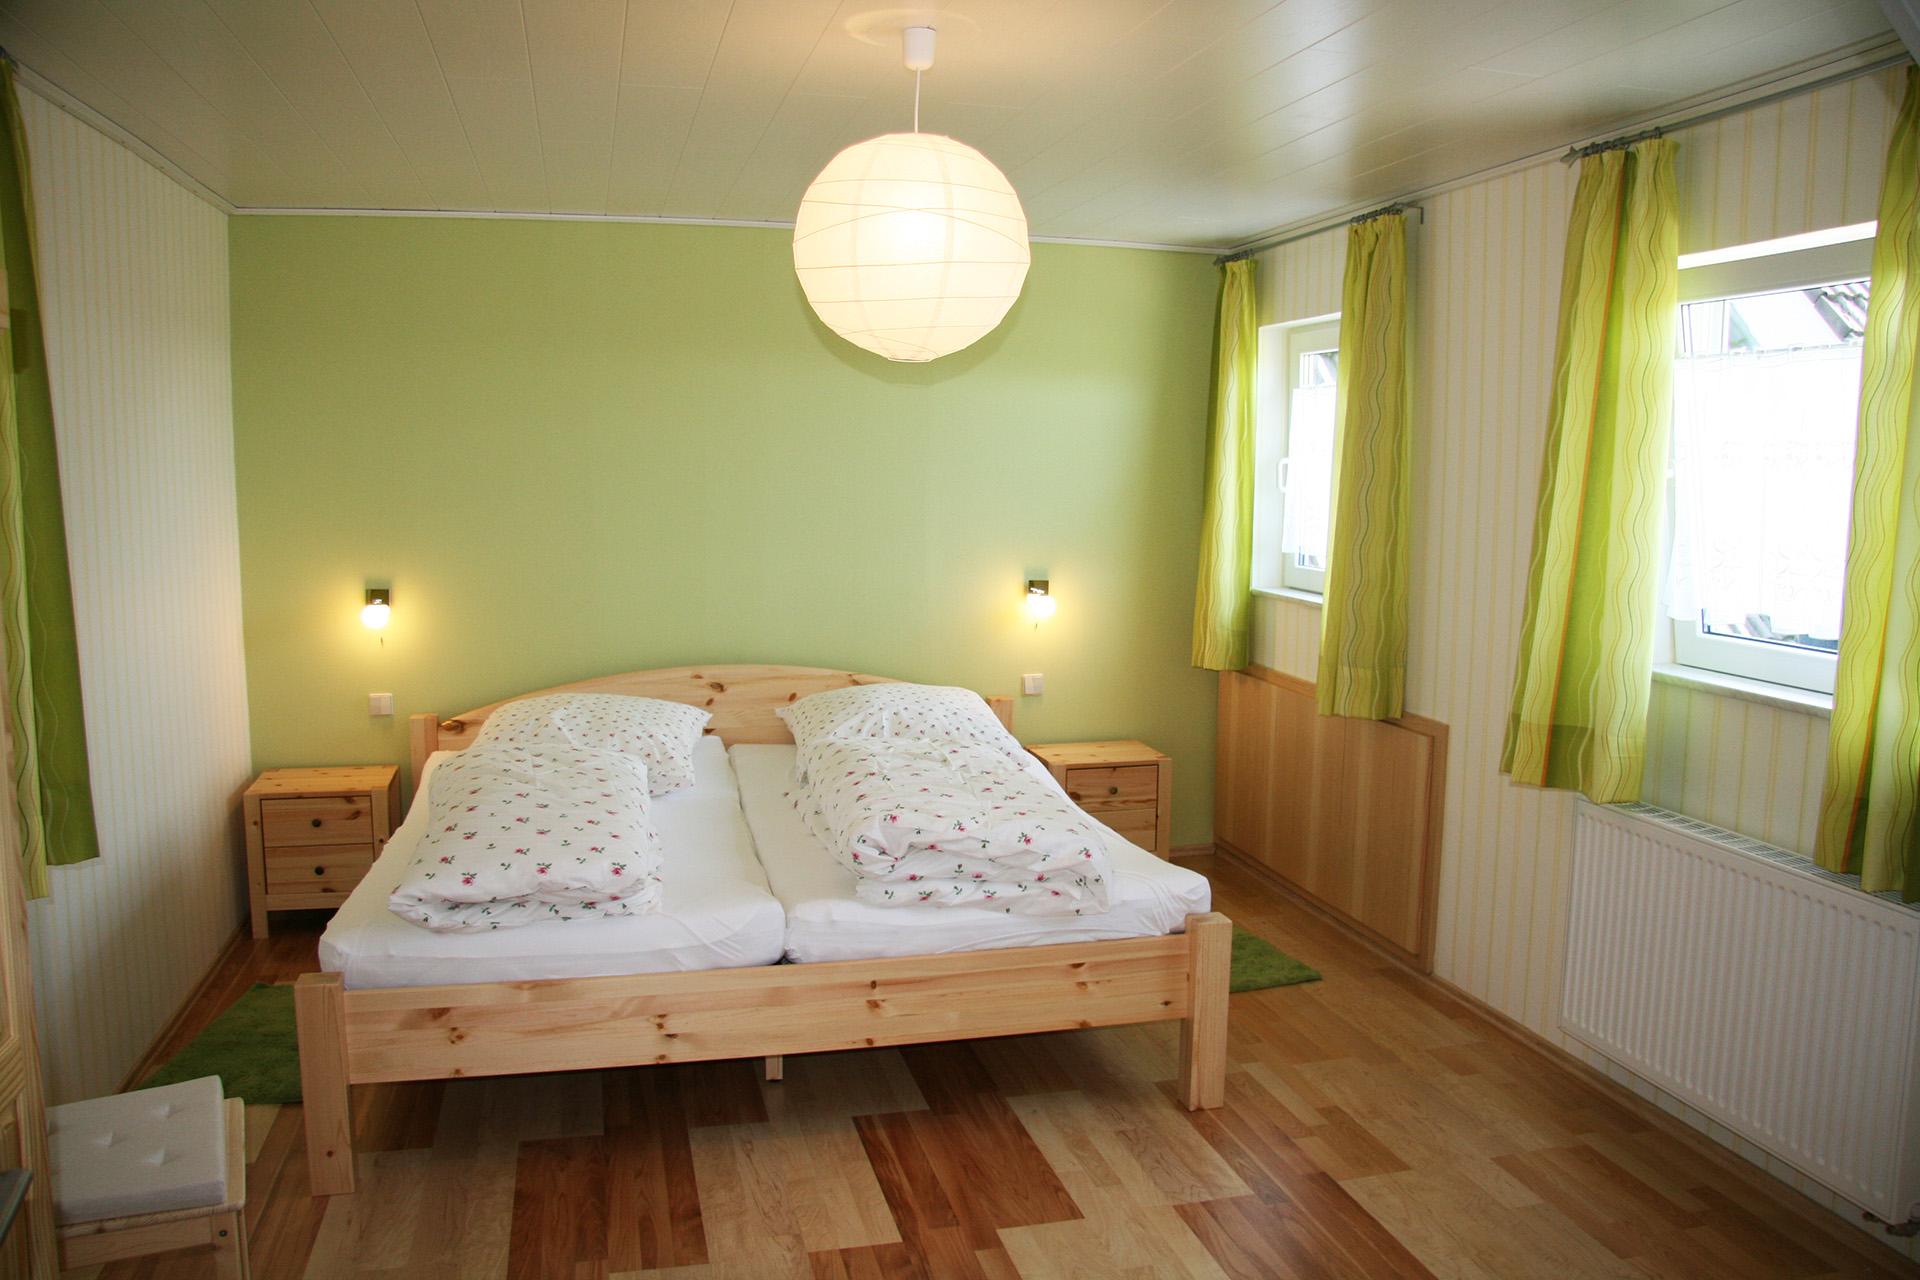 Ferienwohnung & Preise   Ferienwohnung Schappacher in Oberkirch im ...